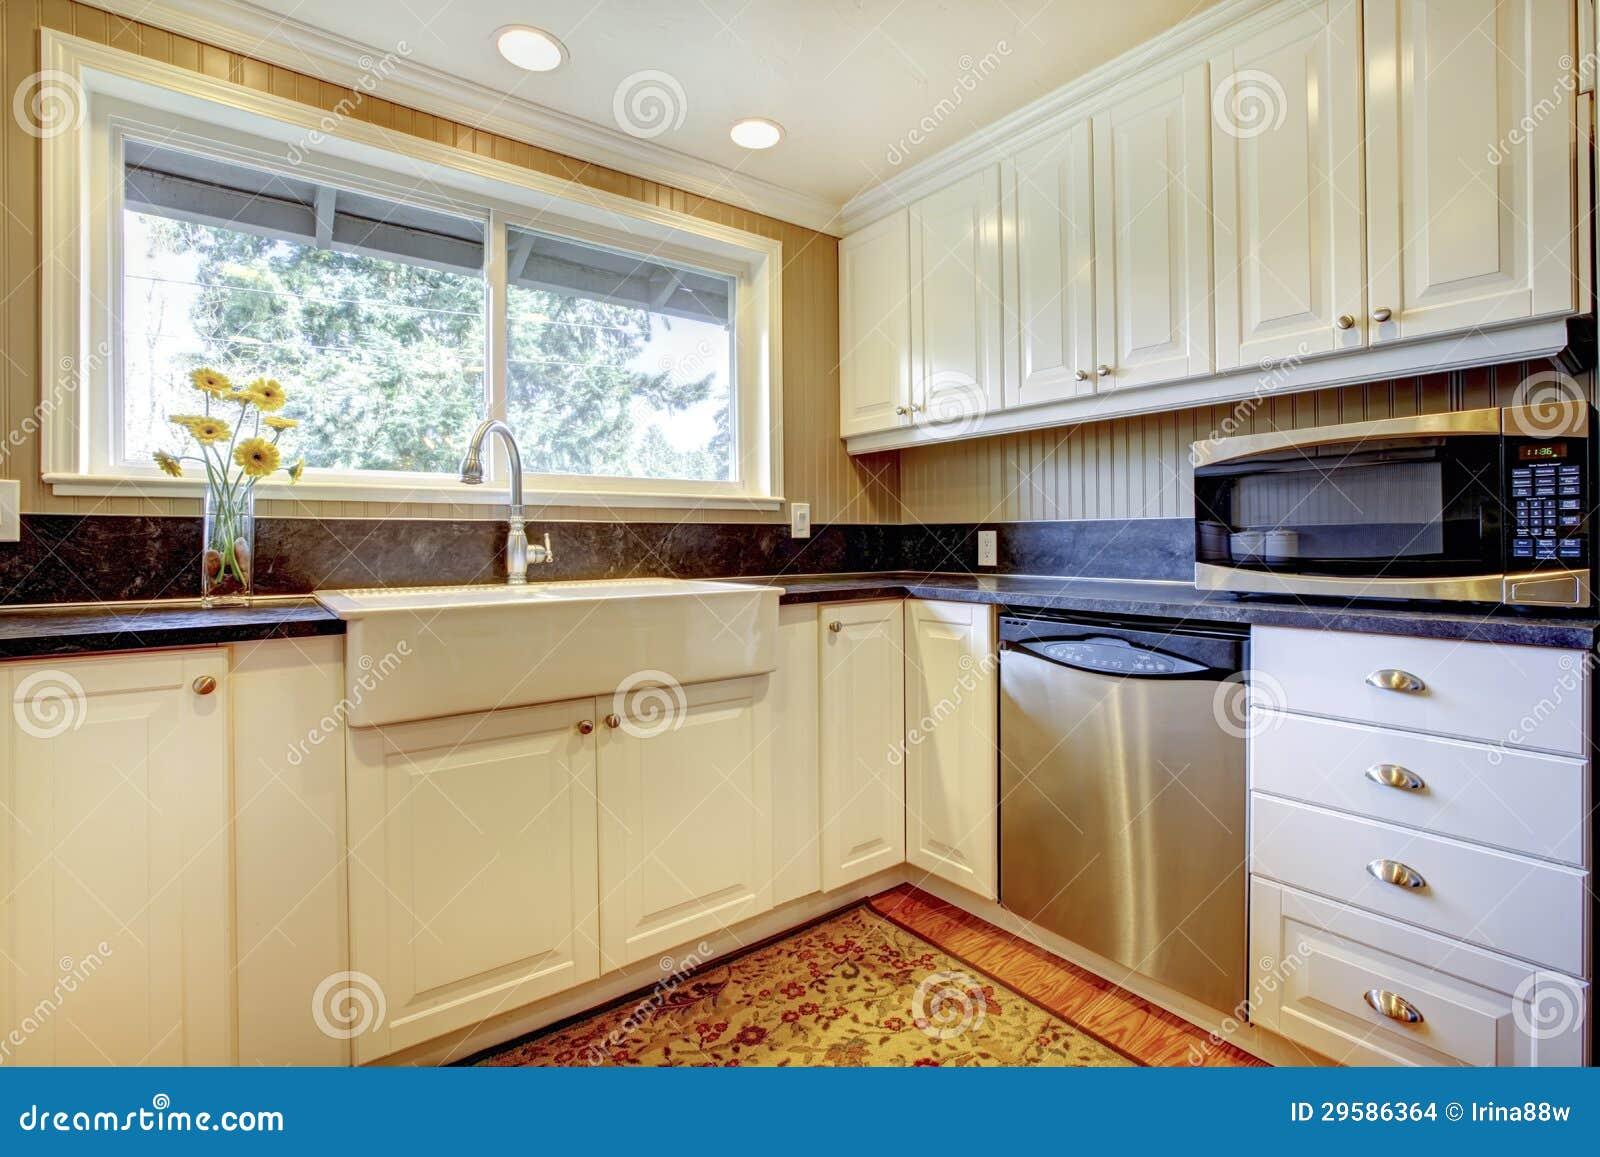 Cucine Moderne Ad Angolo Con Finestra Elegant Cucine Componibili Ad